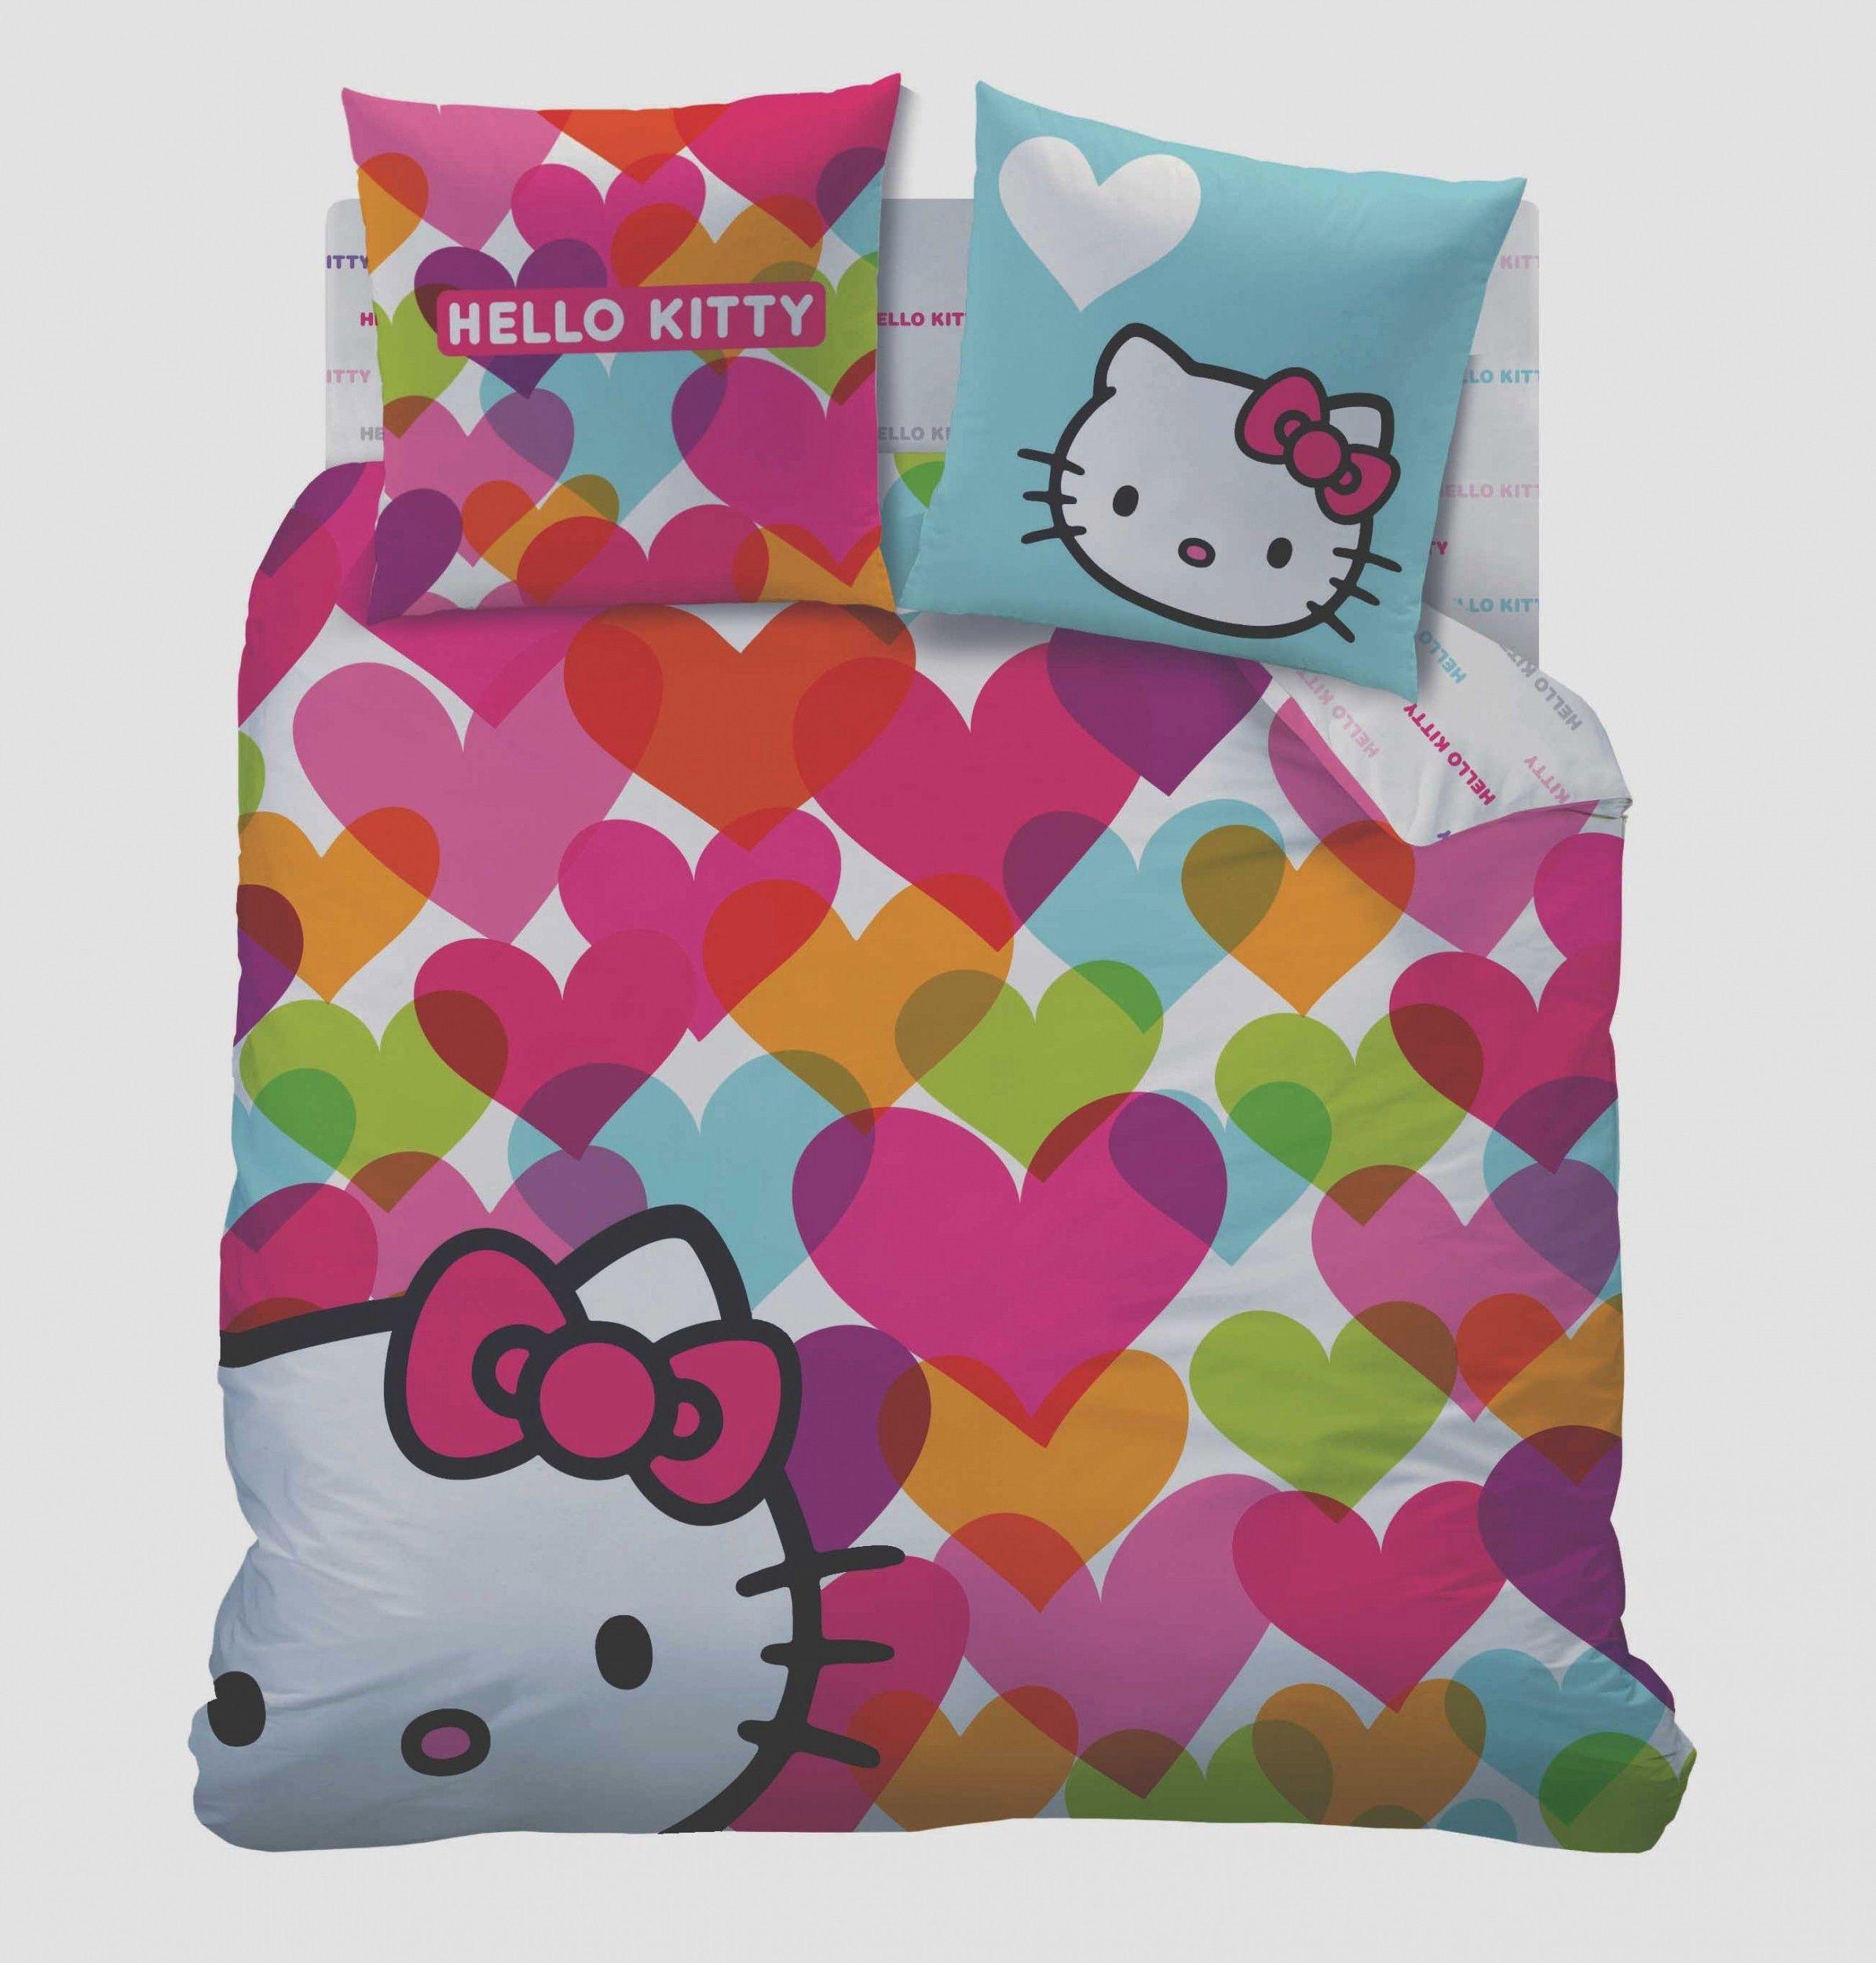 Housse De Couette New York 200x200 Housse De Couette New York 200x200 Housse De Couette La Pagnie Du Blanc La Pagnie Du Blanc Vous Pre Hello Kitty Kitty Itty